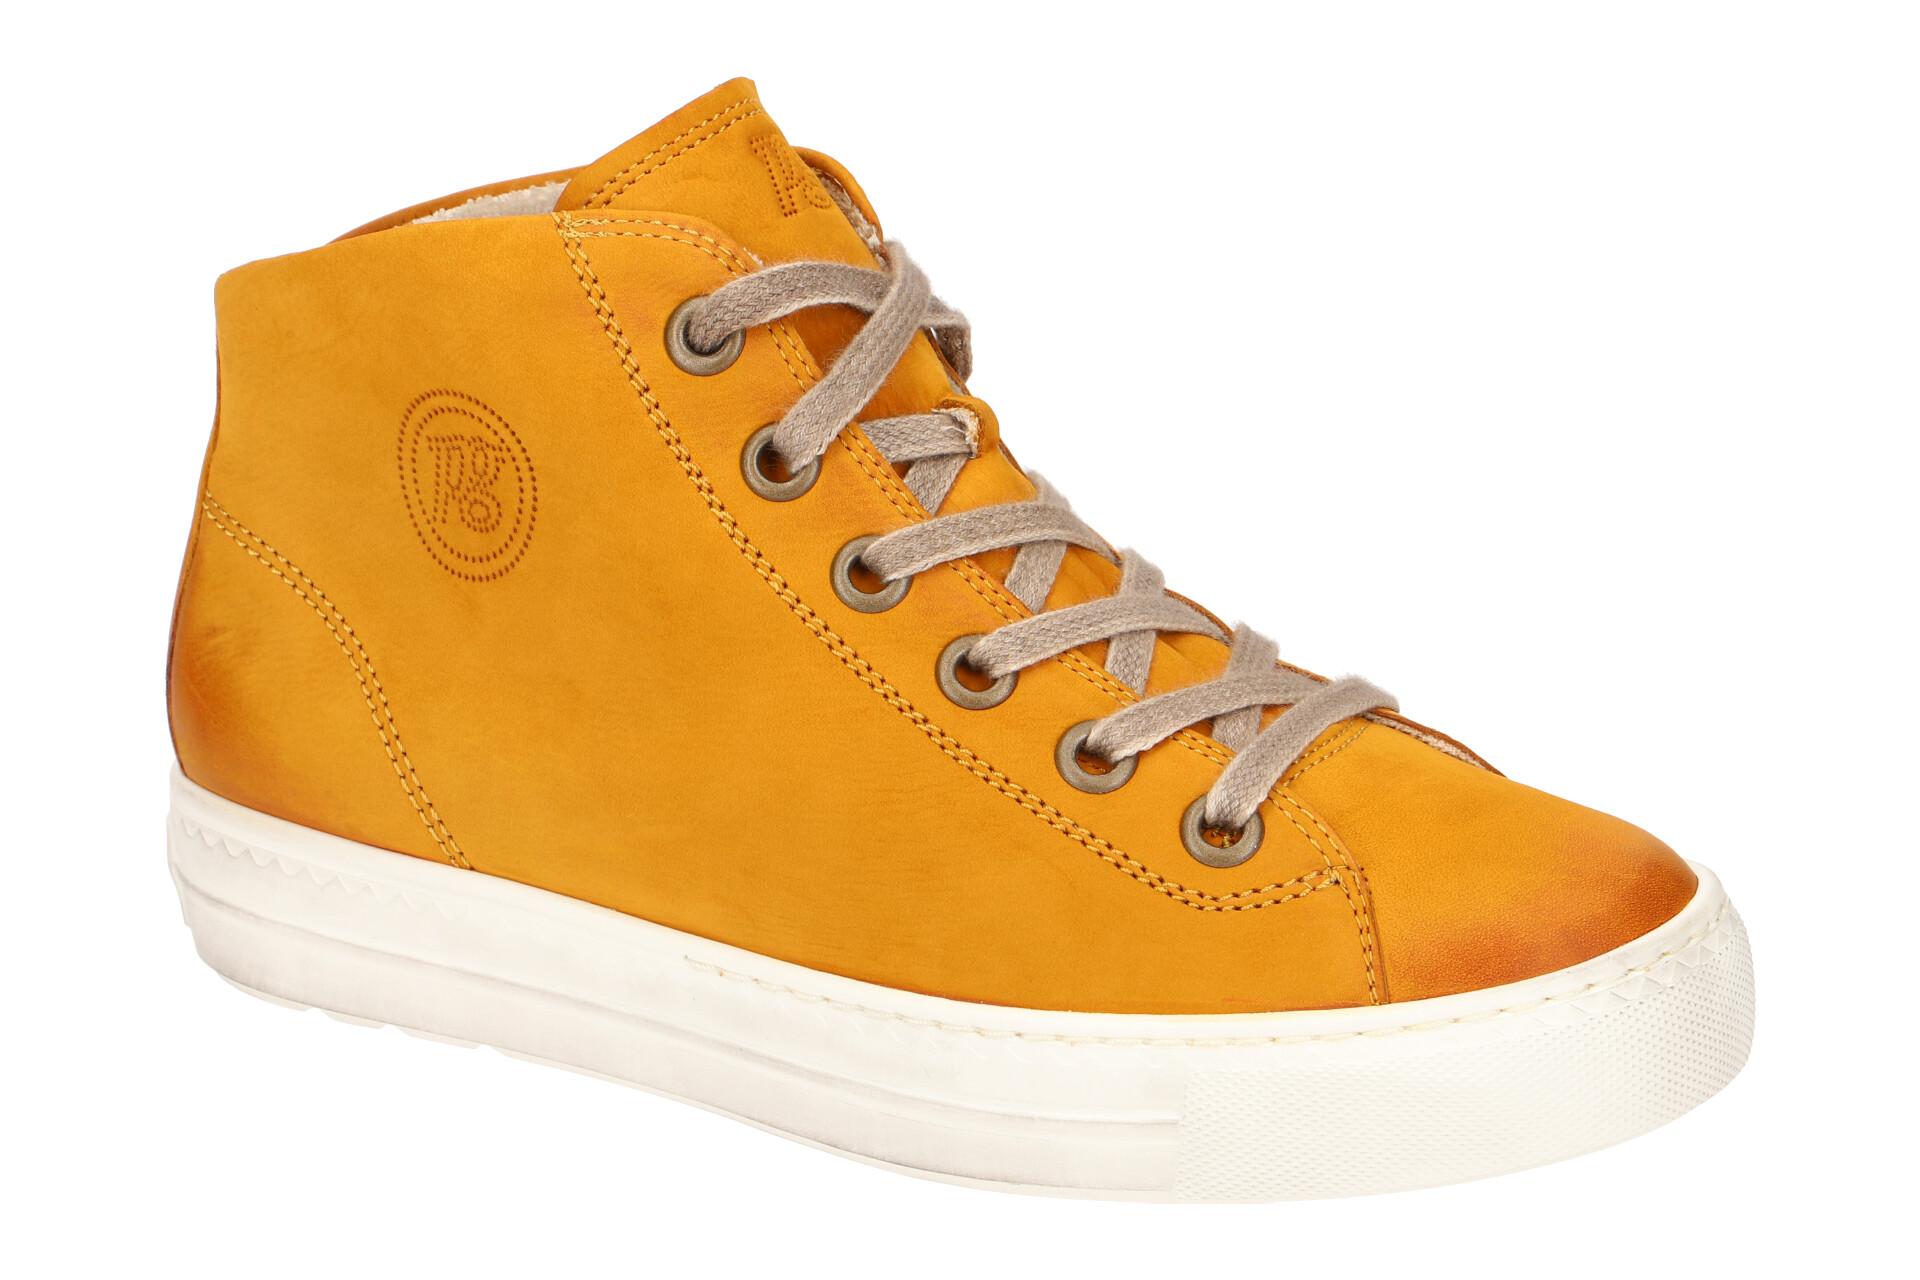 Schuhe Von Paul Green Sale